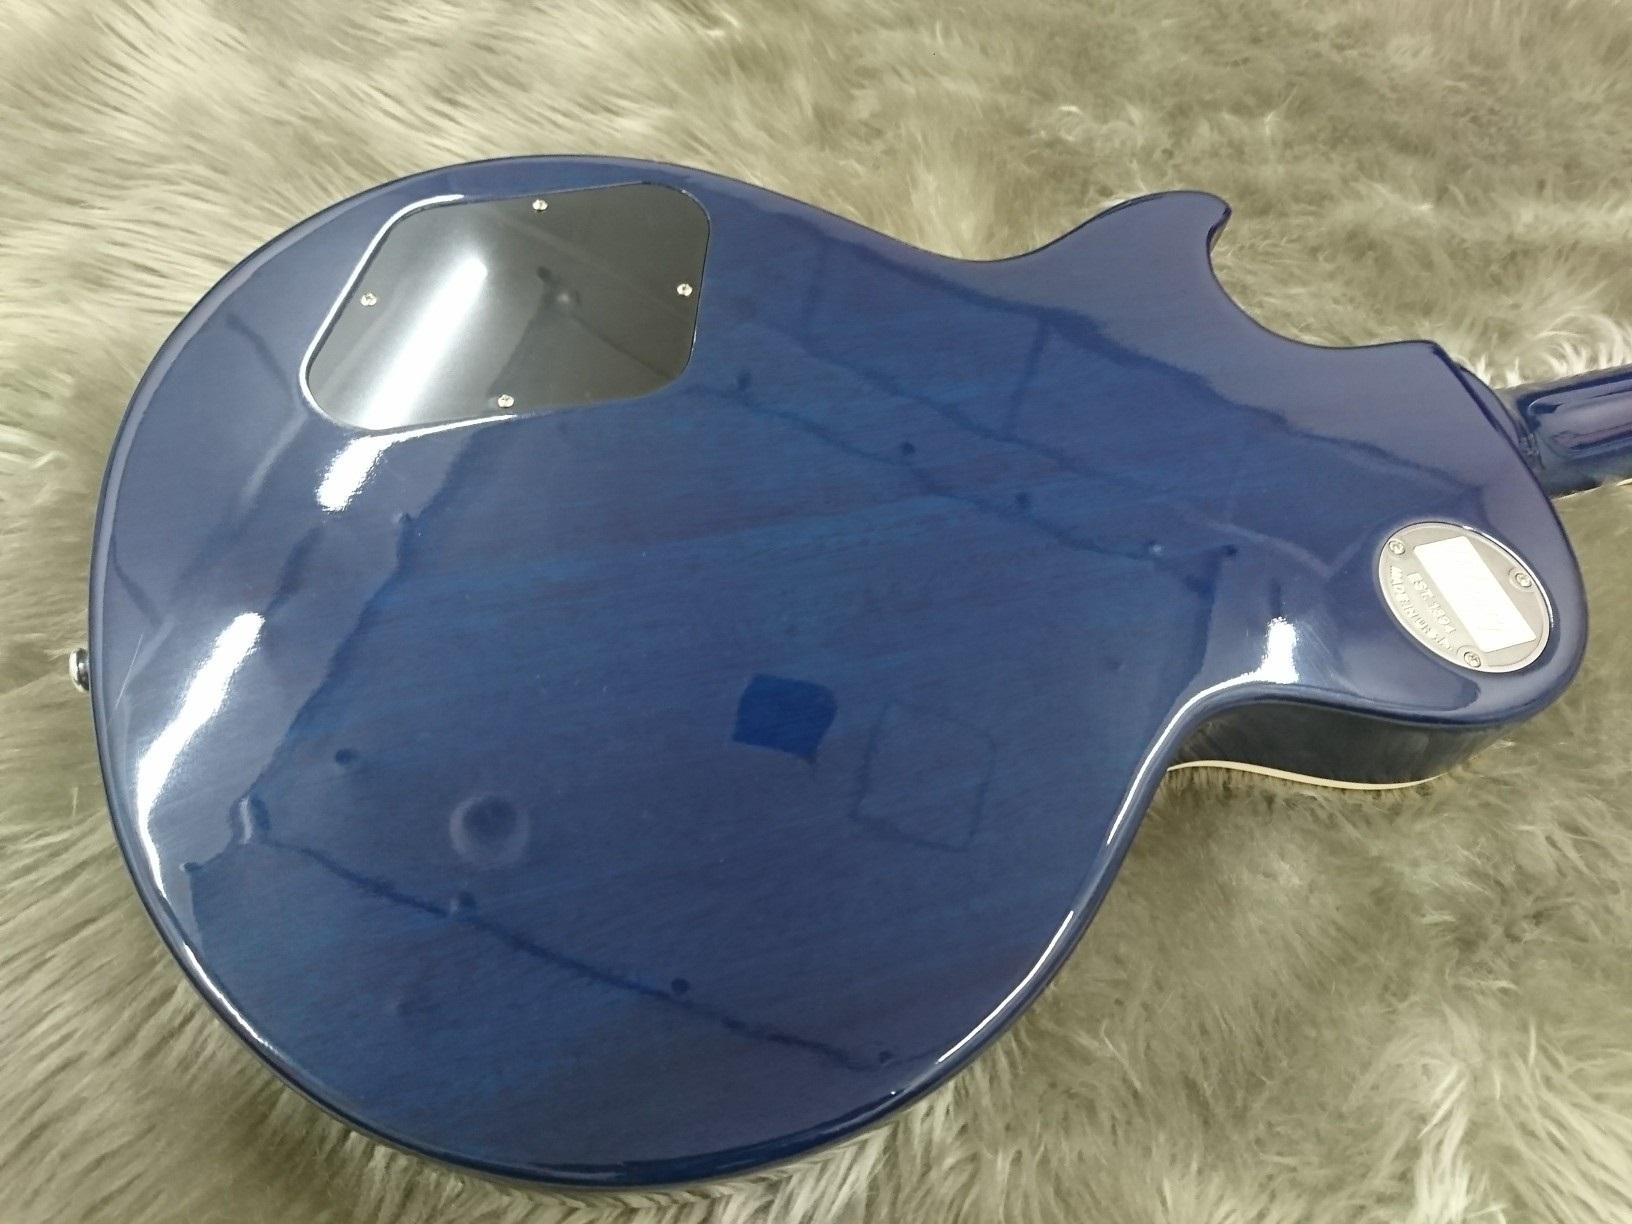 1959 Les Paul Standard Aqua Blue Glossのボディバック-アップ画像